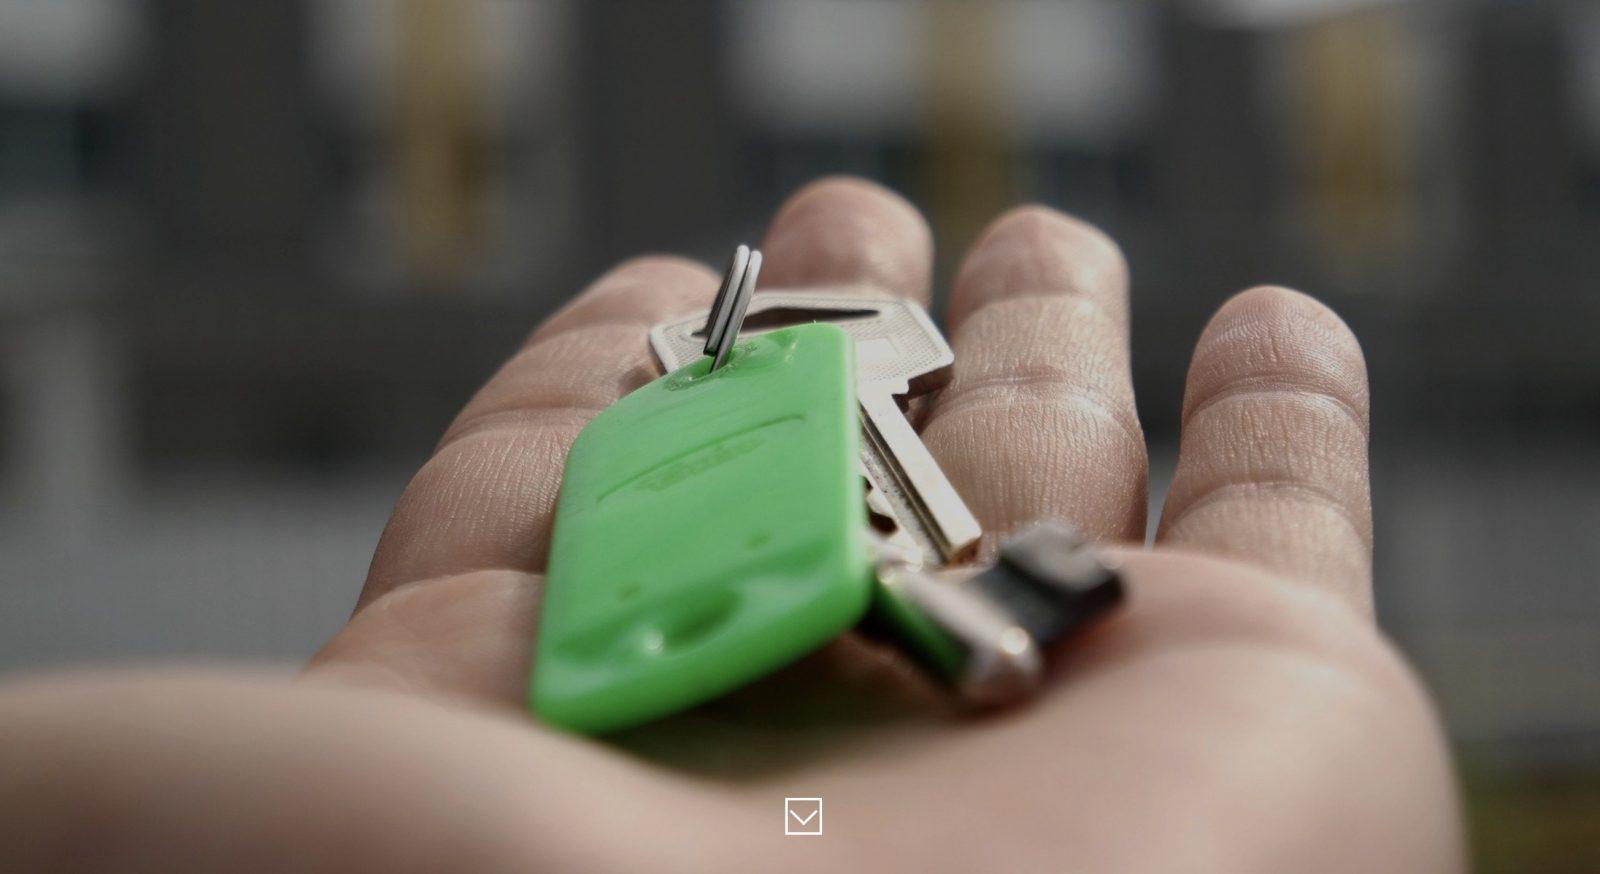 Case ed appartamenti venduti e pagati con Bitcoin - Case ed appartamenti venduti e pagati con Bitcoin sono già una realtà in spagna